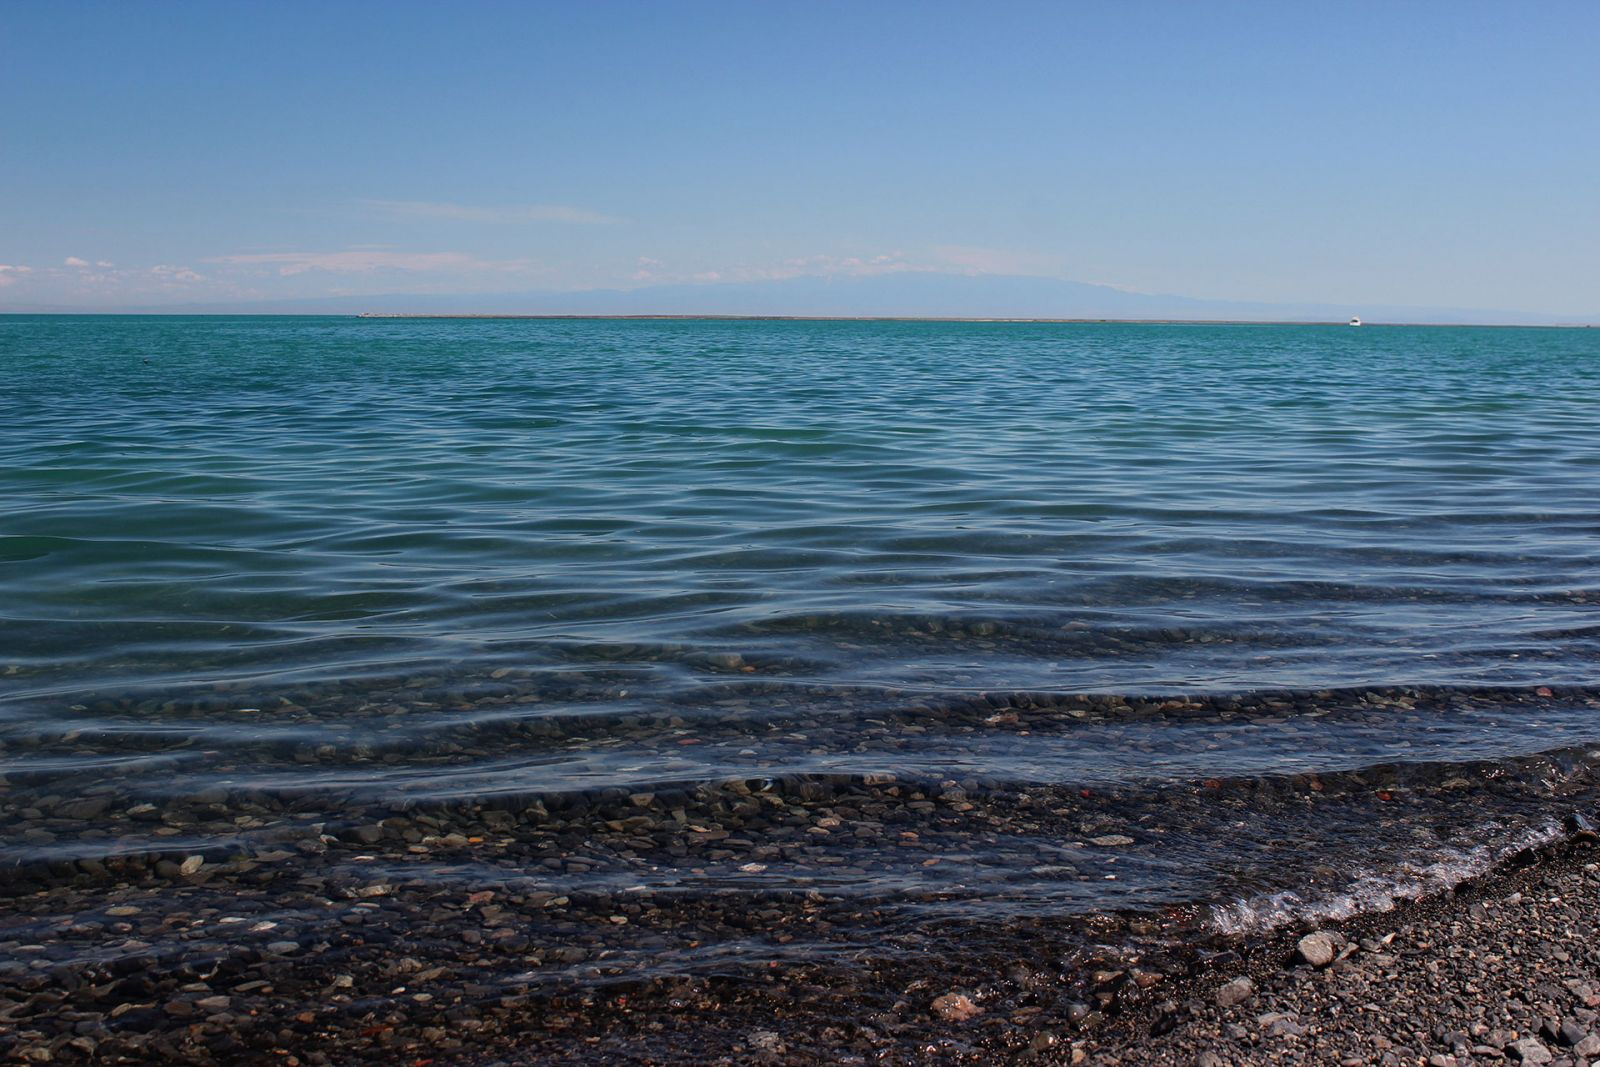 Алматинская область за лето заработала 6,7 млрд тенге на туризме